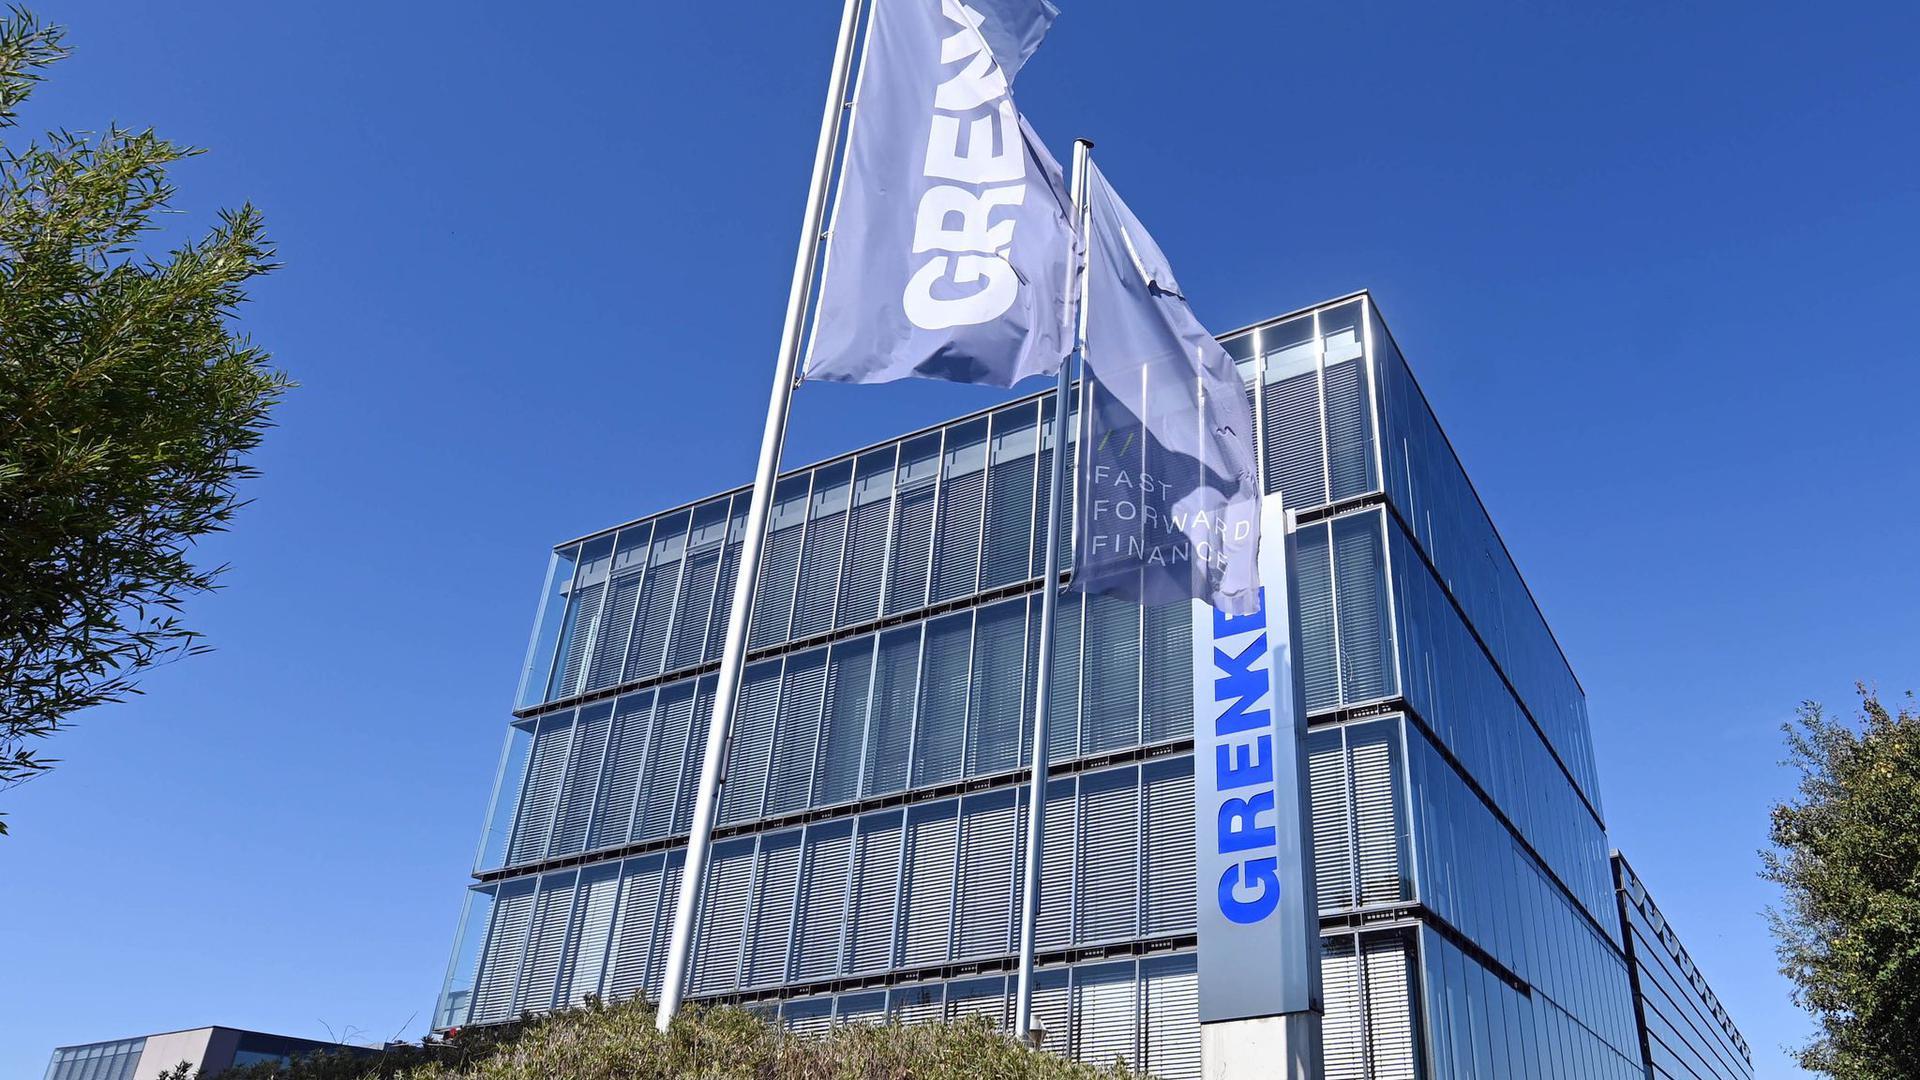 Flaggen mit dem Schriftzug des Finanzdienstleisters Grenke AG wehen an der Firmenzentrale.